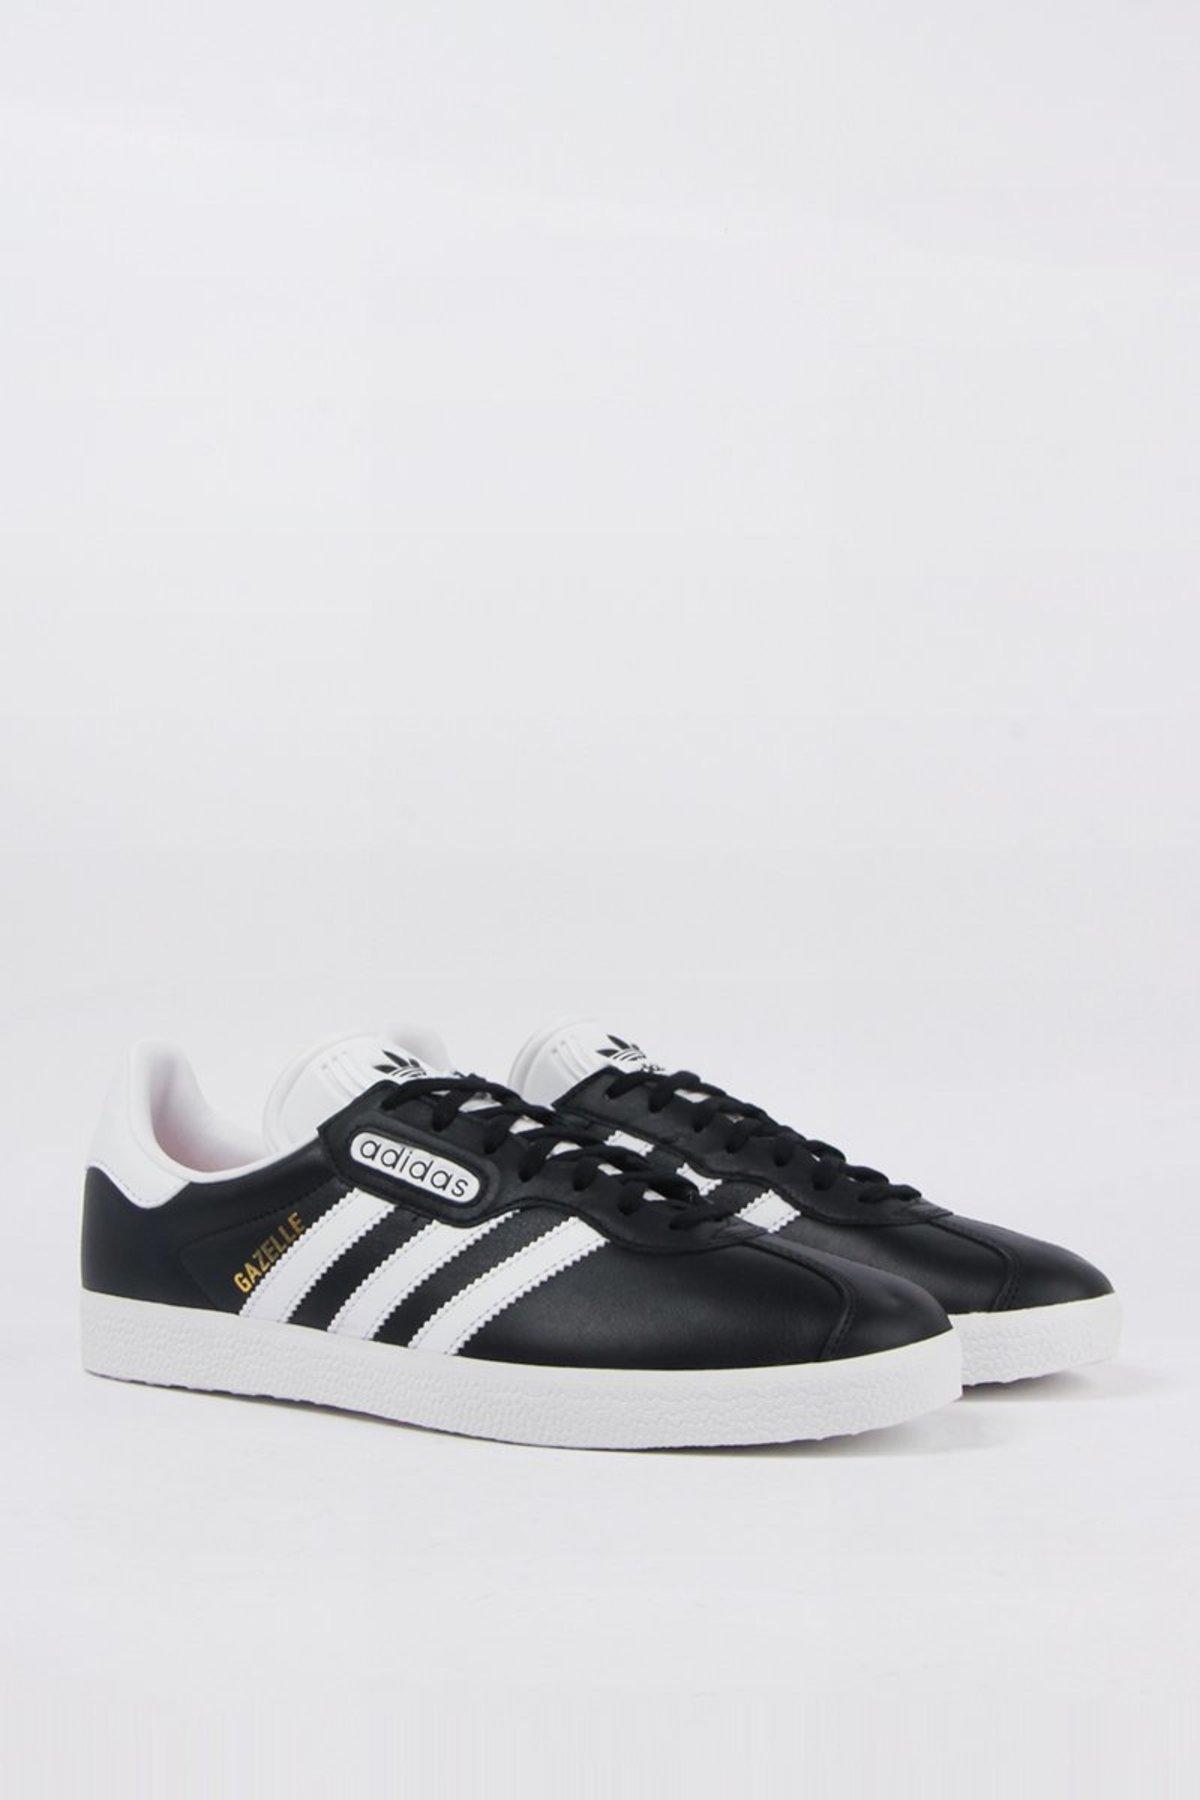 wholesale dealer 98b4e a2d09 Adidas Originals Gazelle Super Essential - Blackwhite